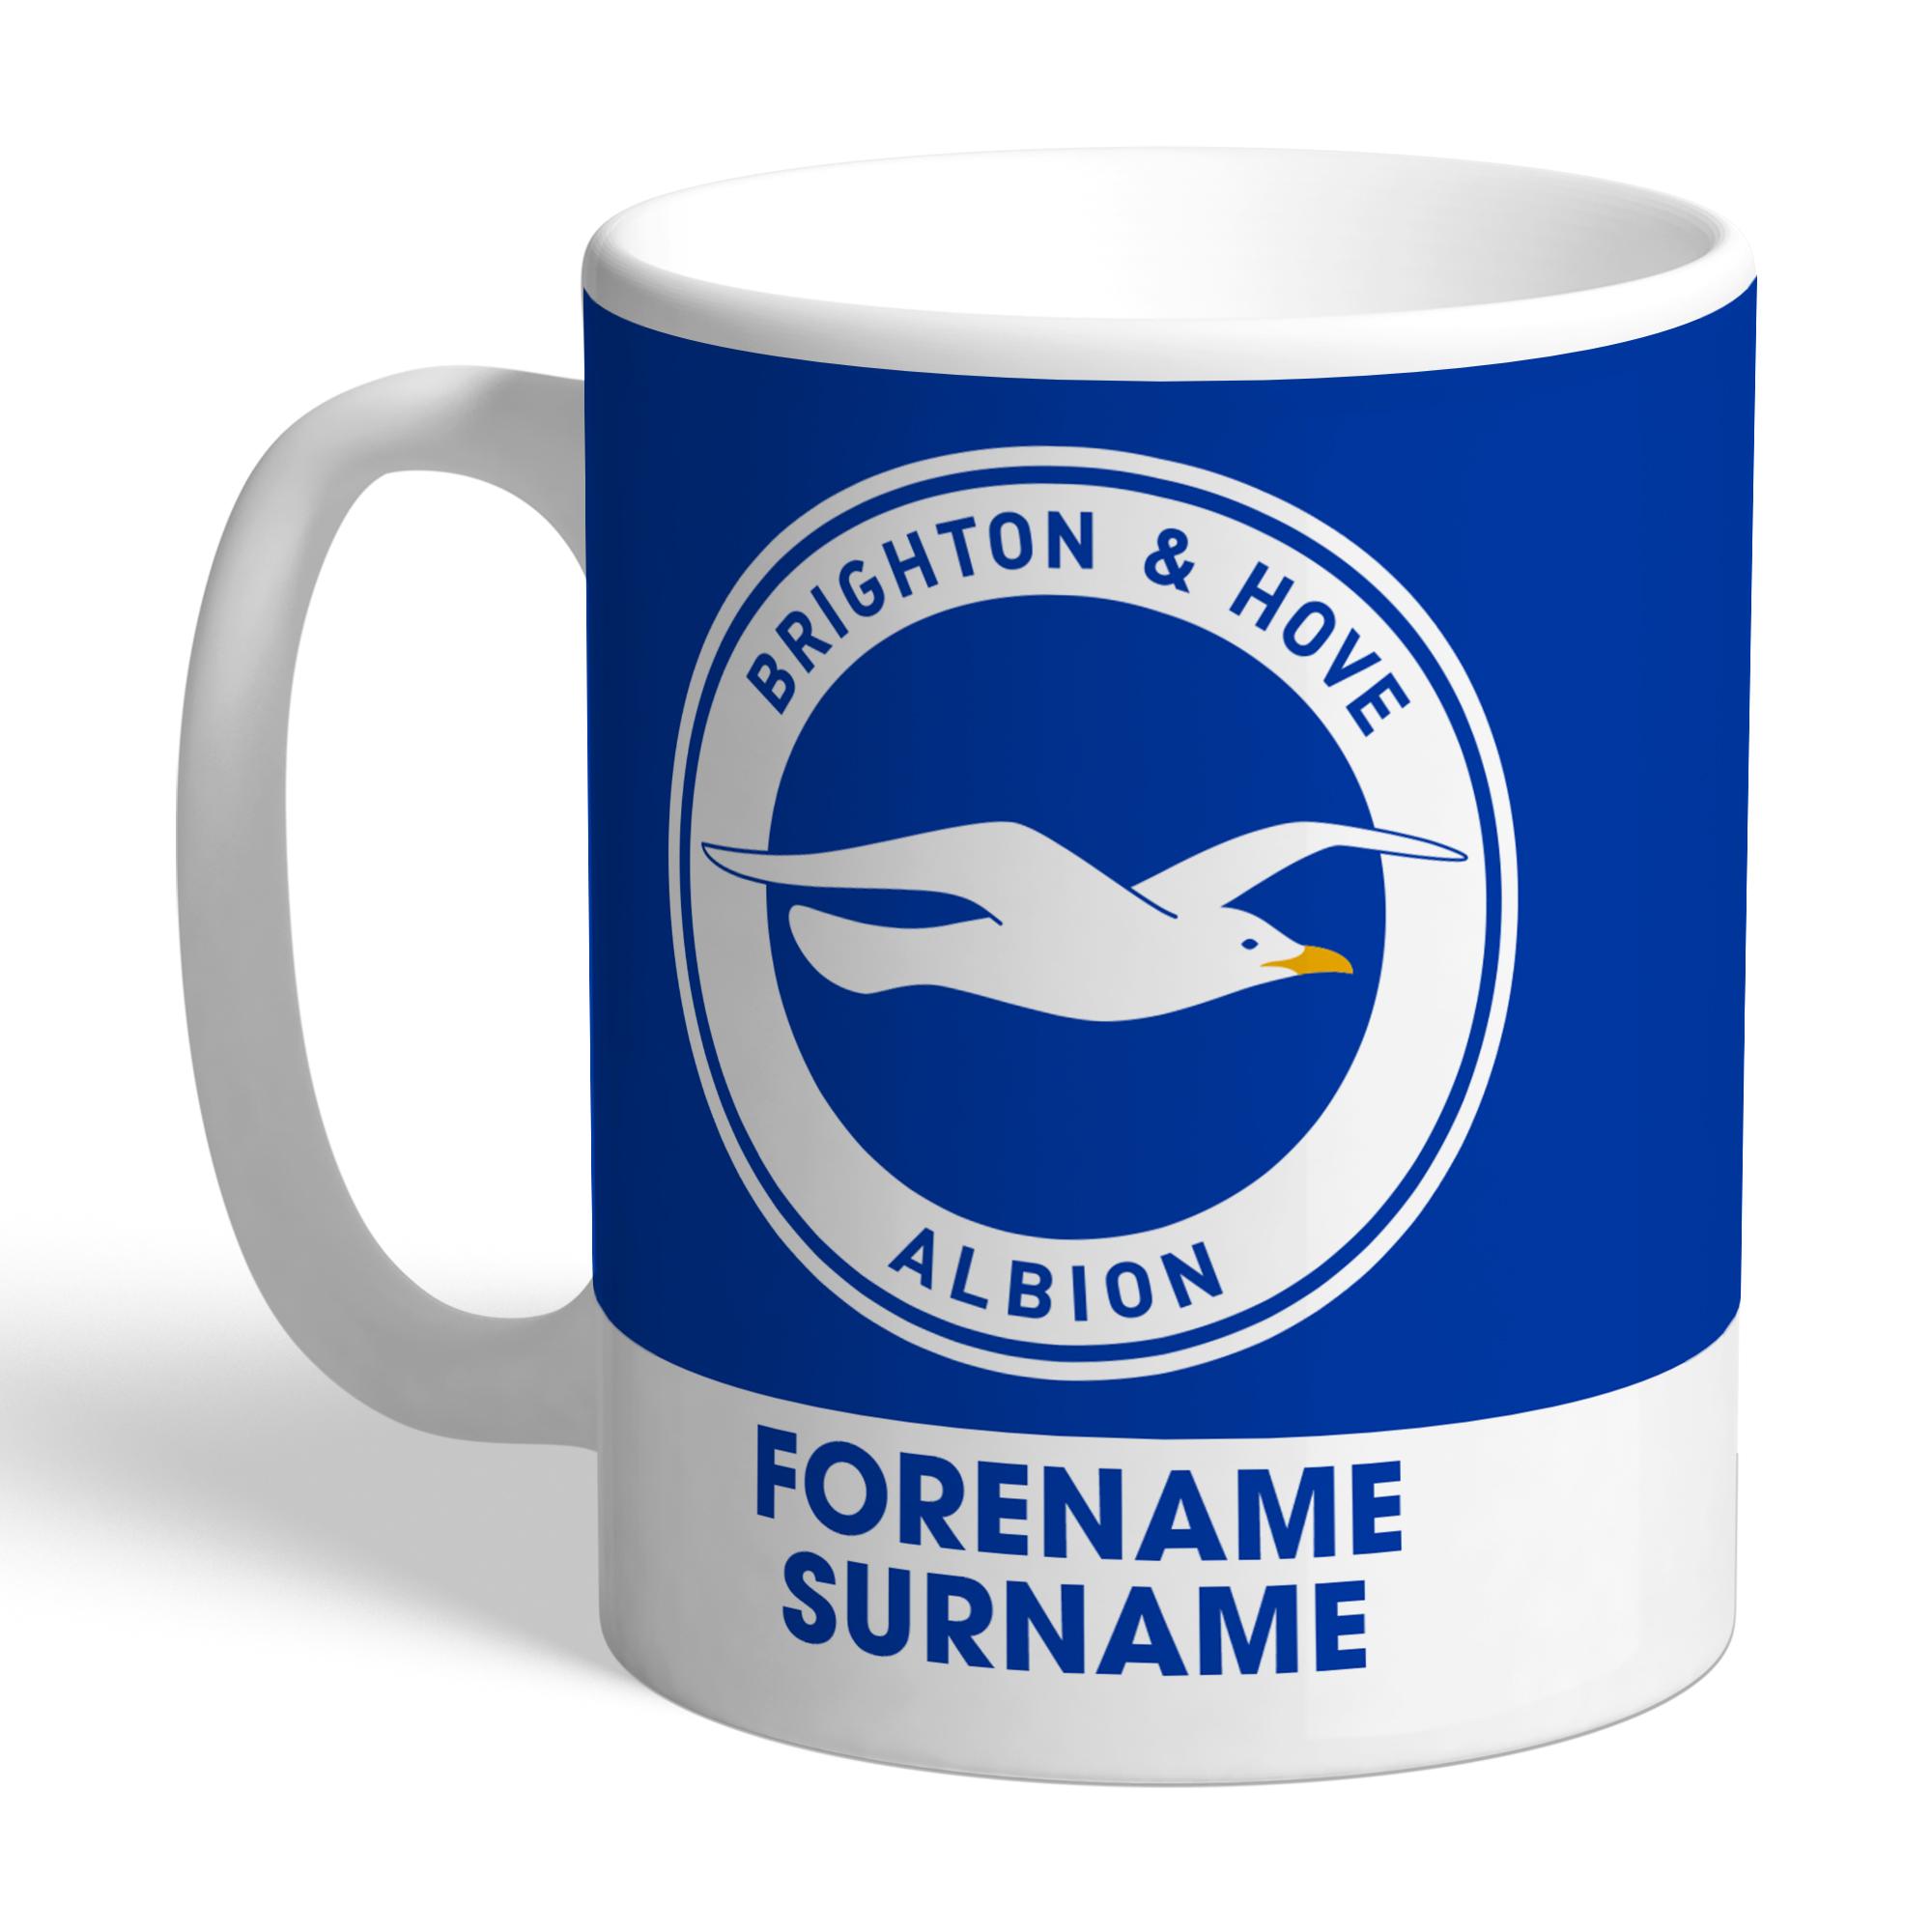 Brighton & Hove Albion FC Bold Crest Mug